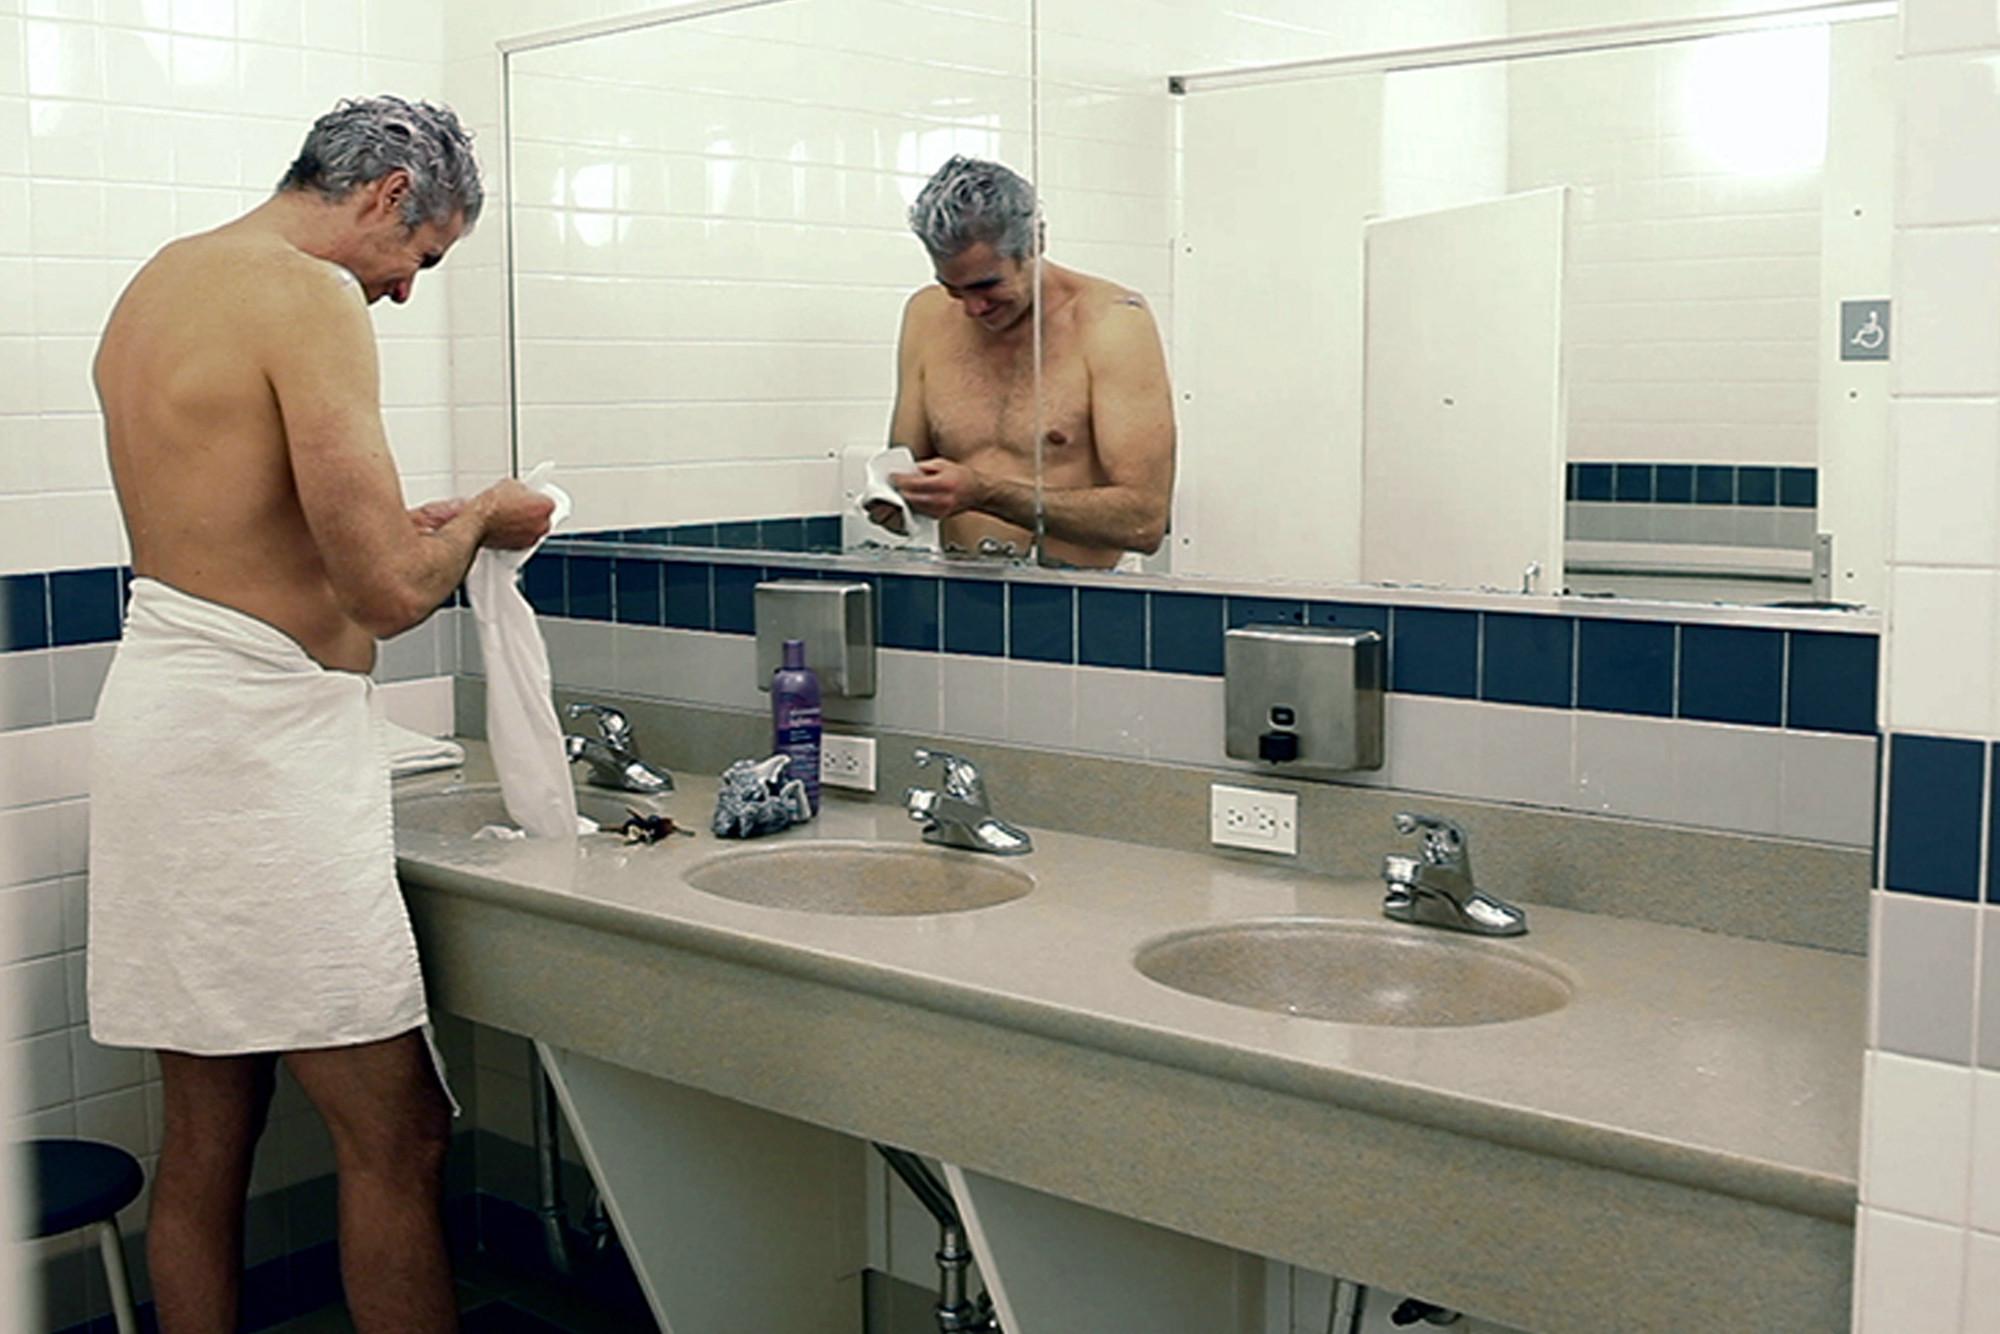 homme_bathroom1a